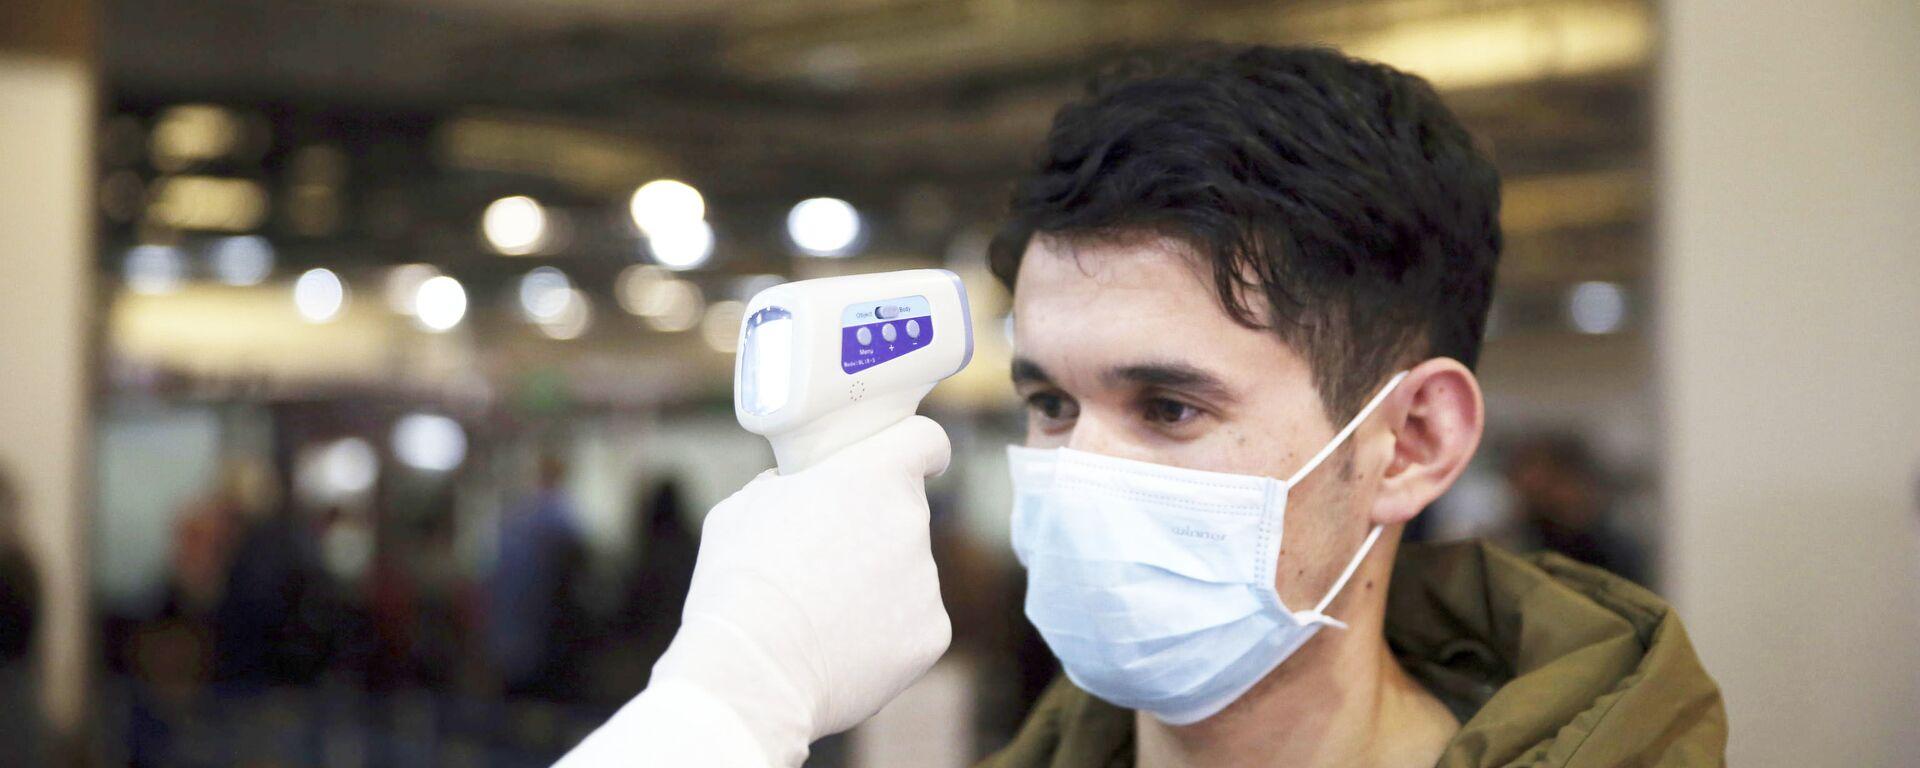 Афганский медработник проверяет температуру пассажира в качестве профилактической - Sputnik Таджикистан, 1920, 30.03.2021